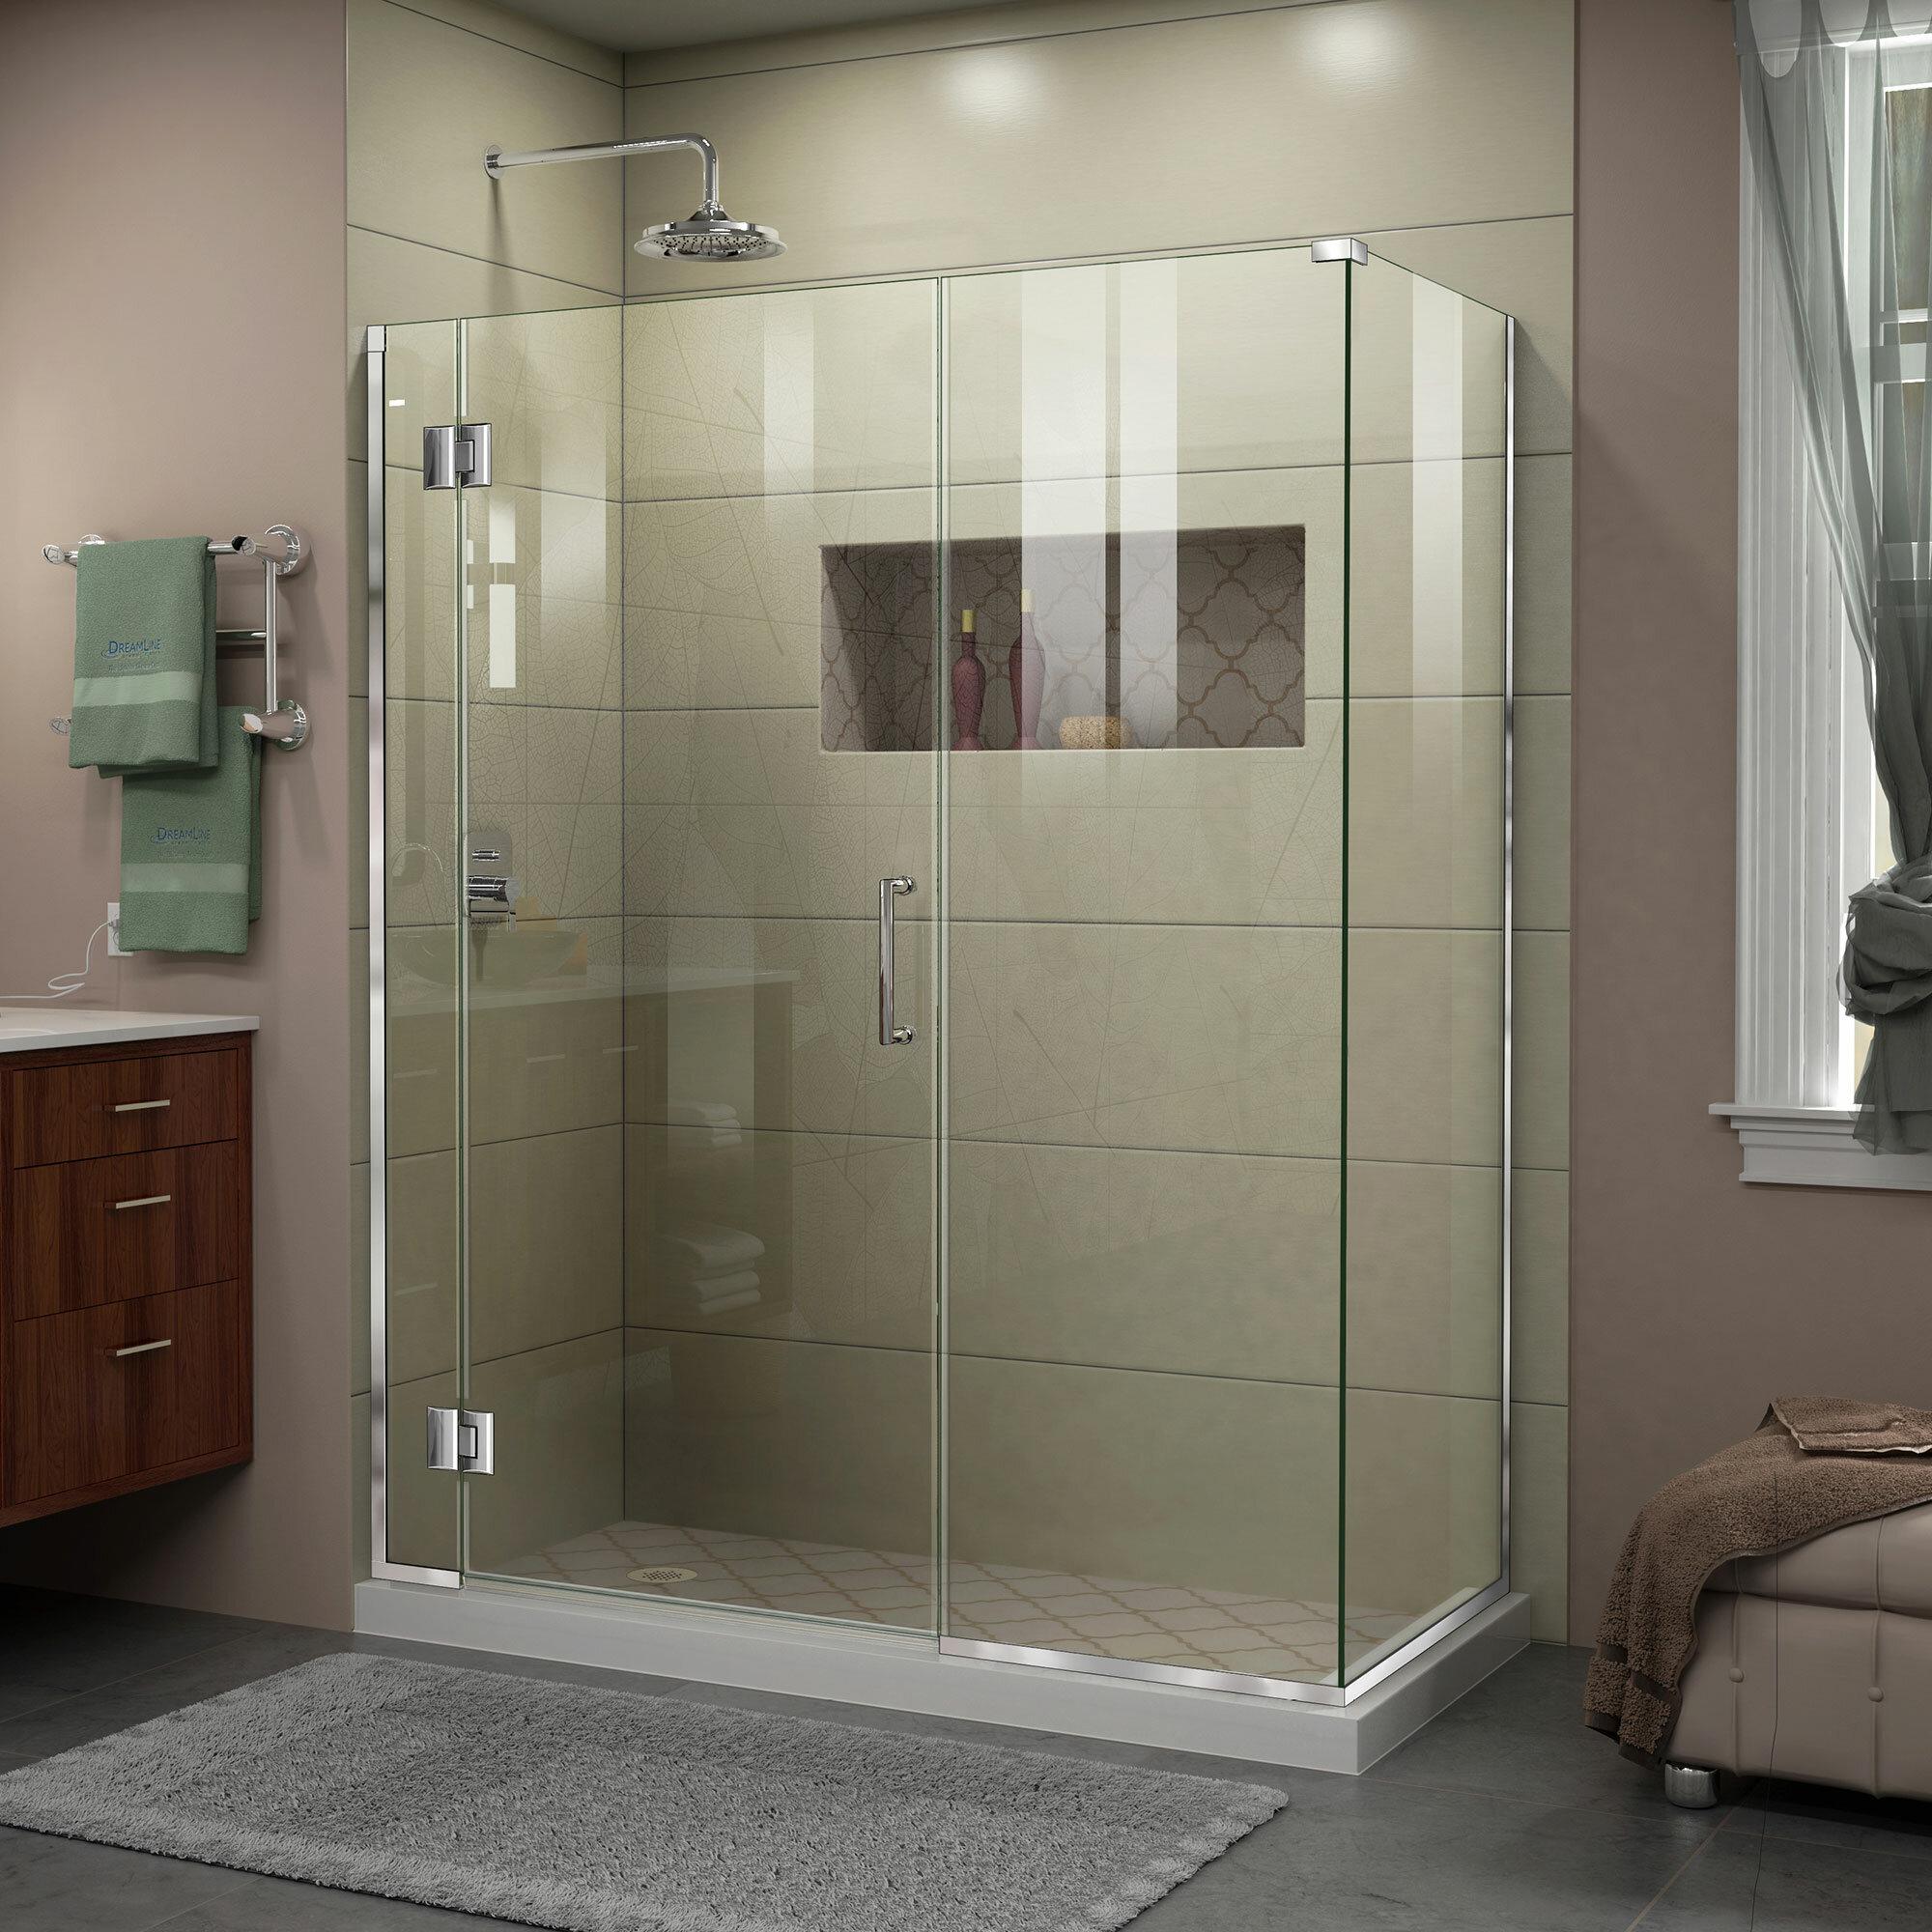 Unidoor X 46 1 2 In W 34 3 8 D 72 H Hinged Shower Enclosure